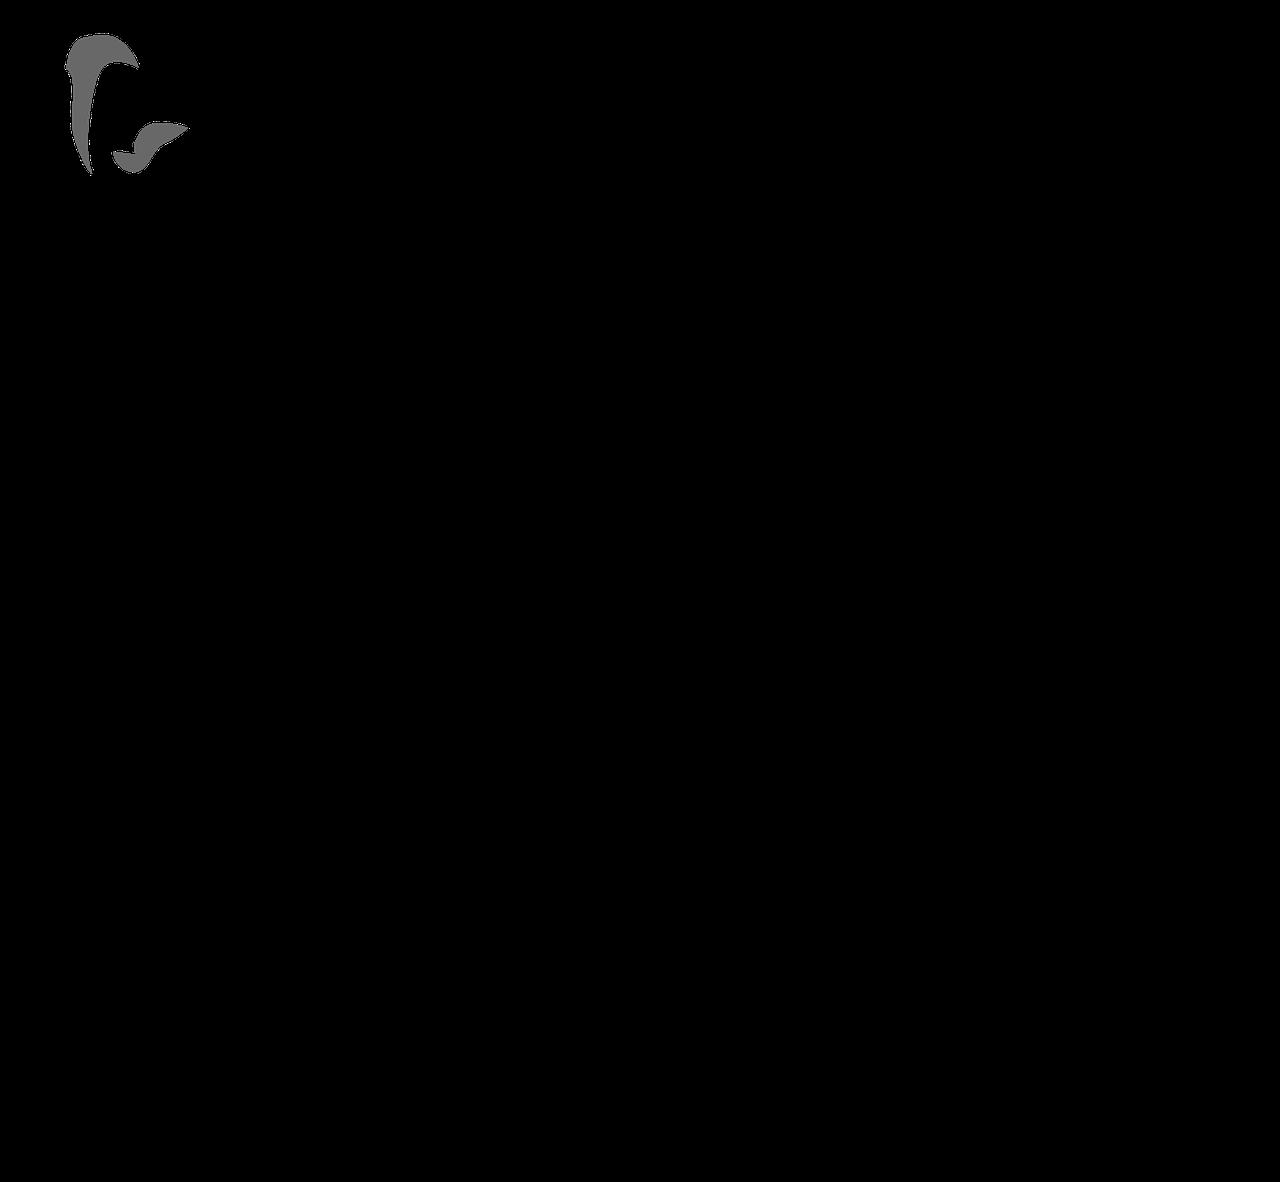 ಮಹಾರಾಜನೇ ವೈಶ್ಯಯ ತಂದೆ : ತೆನಾಲಿ ರಾಮಕೃಷ್ಣನ ಹಾಸ್ಯ ಕಥೆಗಳು - Stories of Tenali Ramkrishna in Kannada